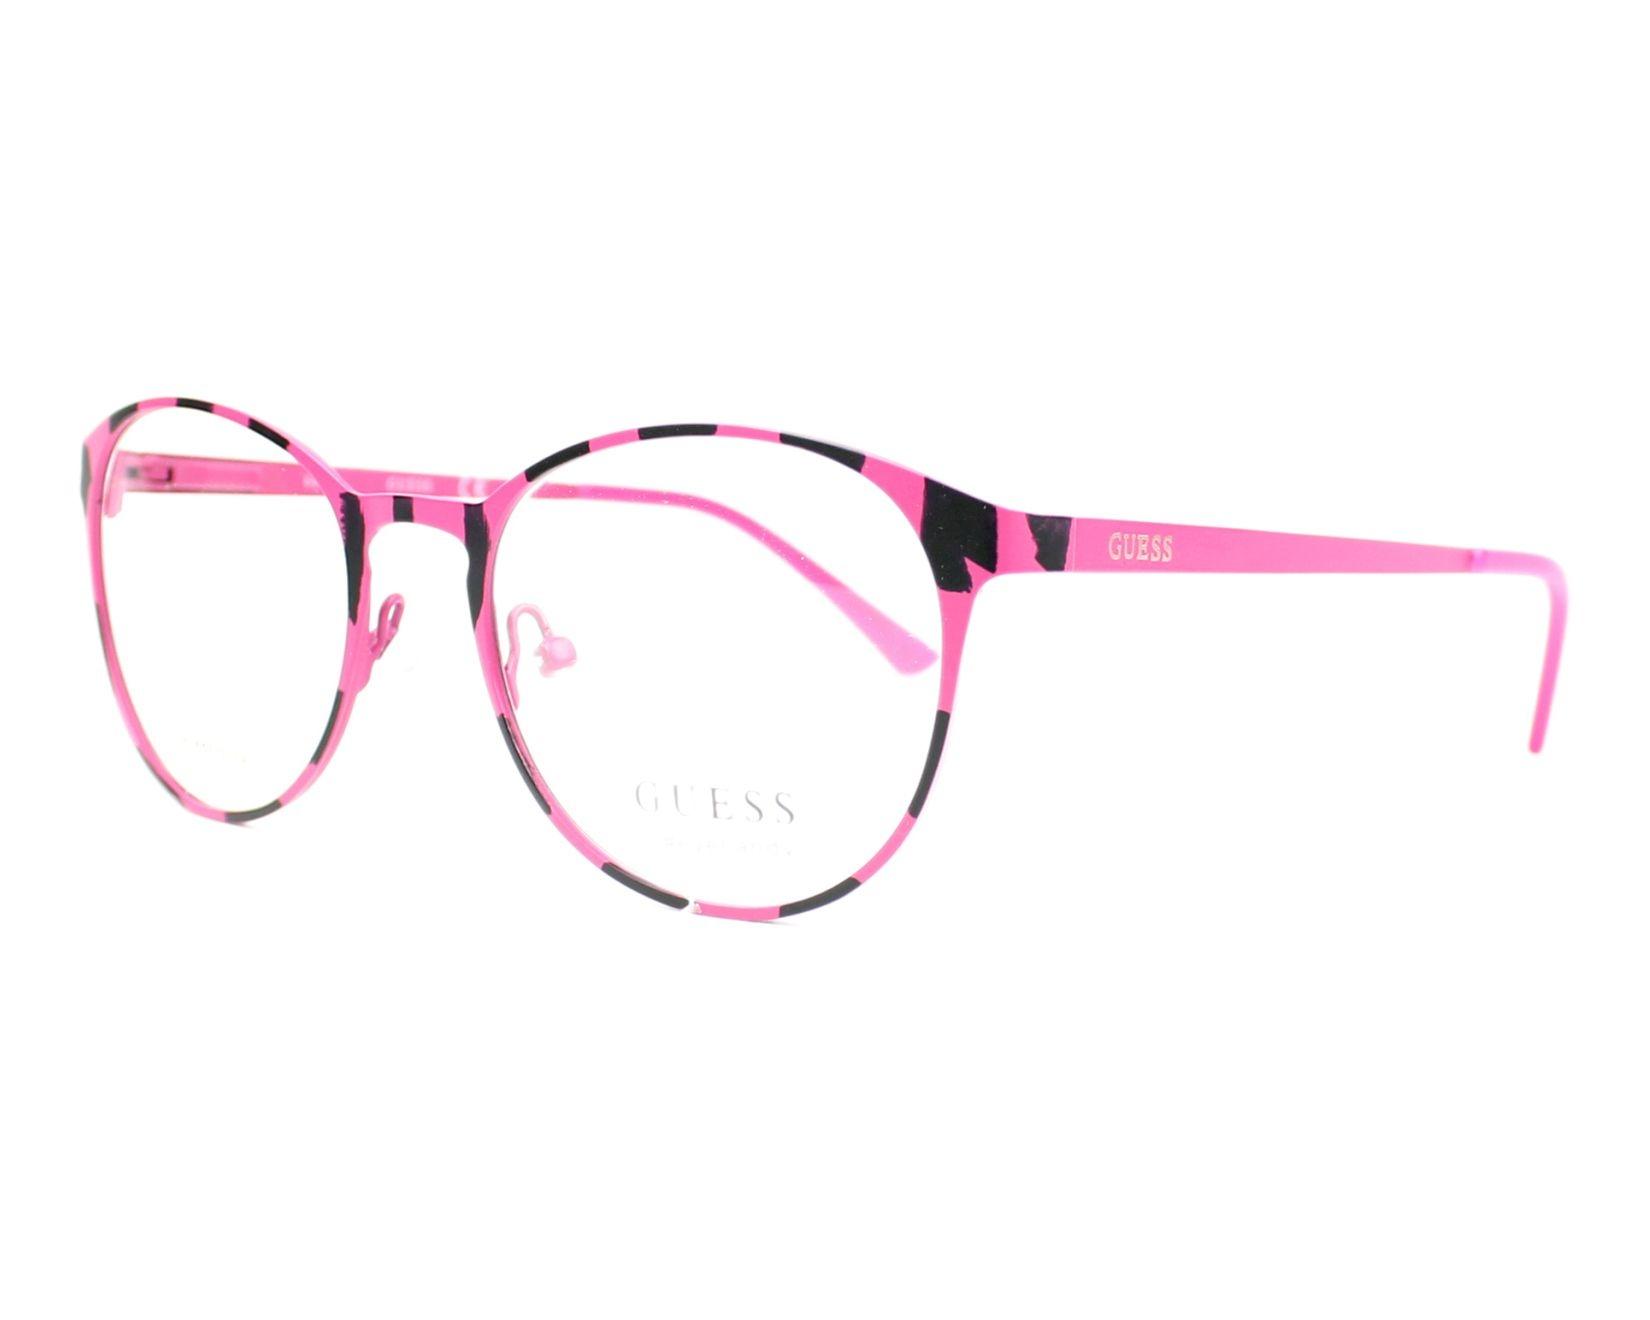 Guess - Occhiale da Vista Donna, Matte Pink GU 3011 074 C50